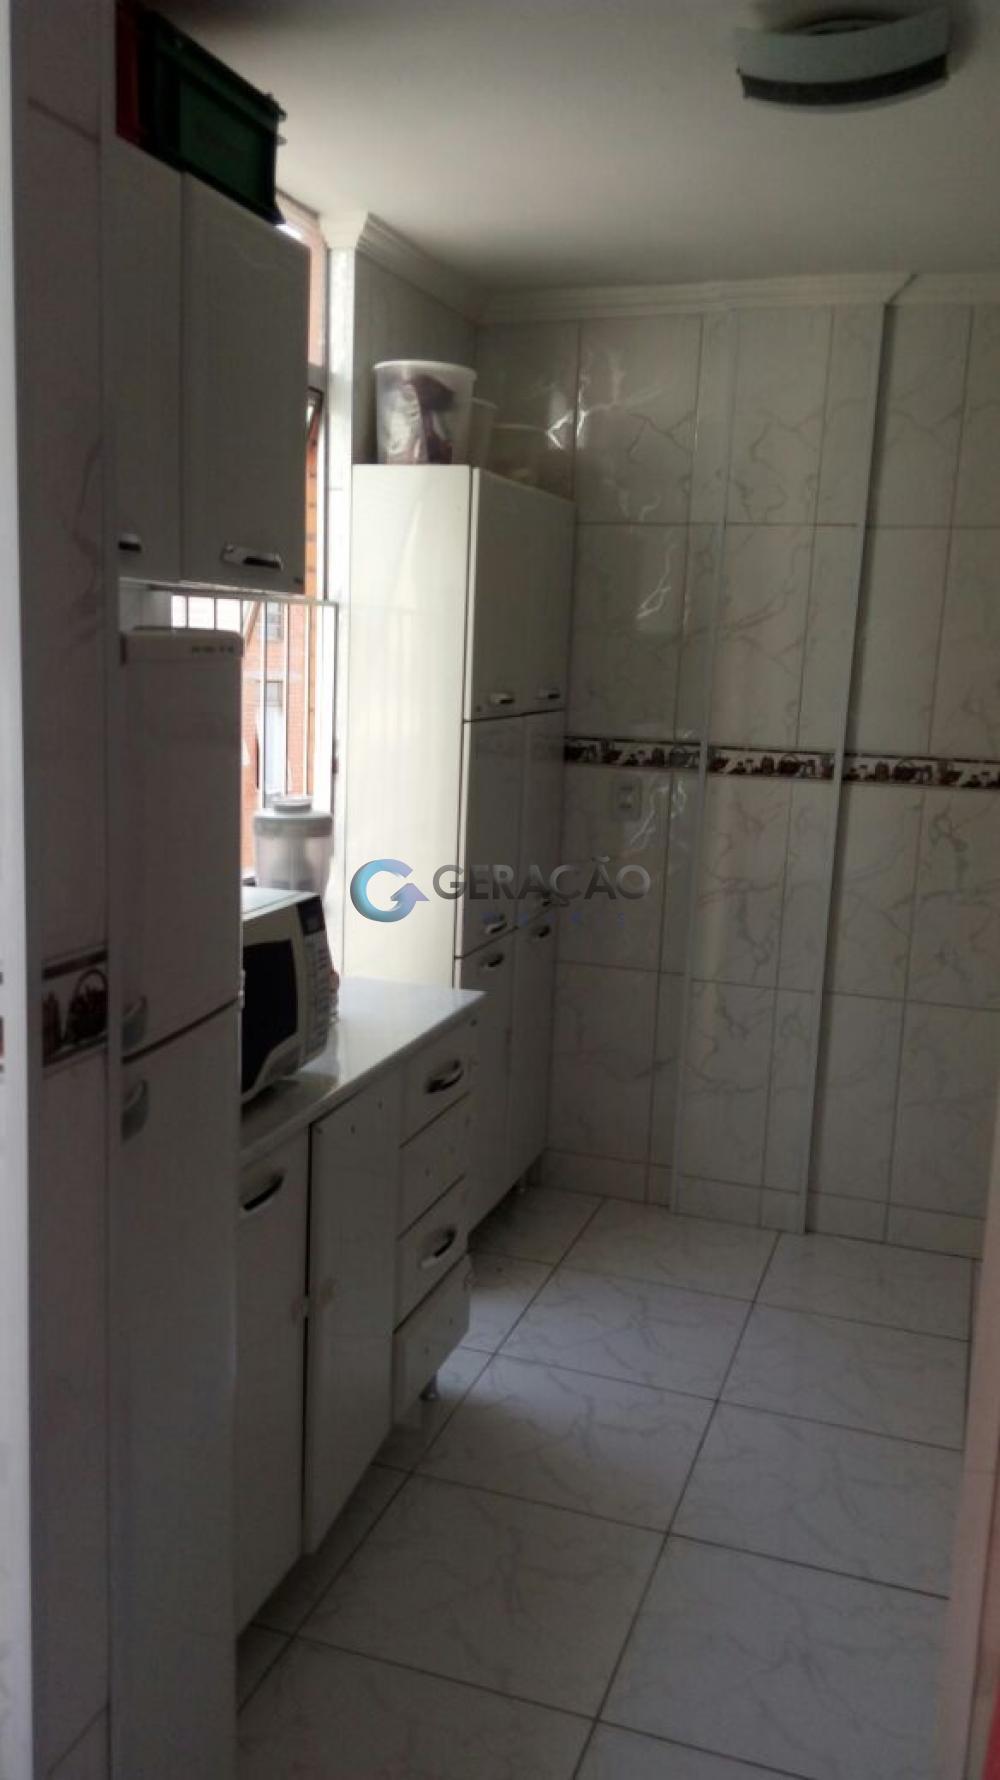 Comprar Apartamento / Padrão em São José dos Campos R$ 185.000,00 - Foto 16